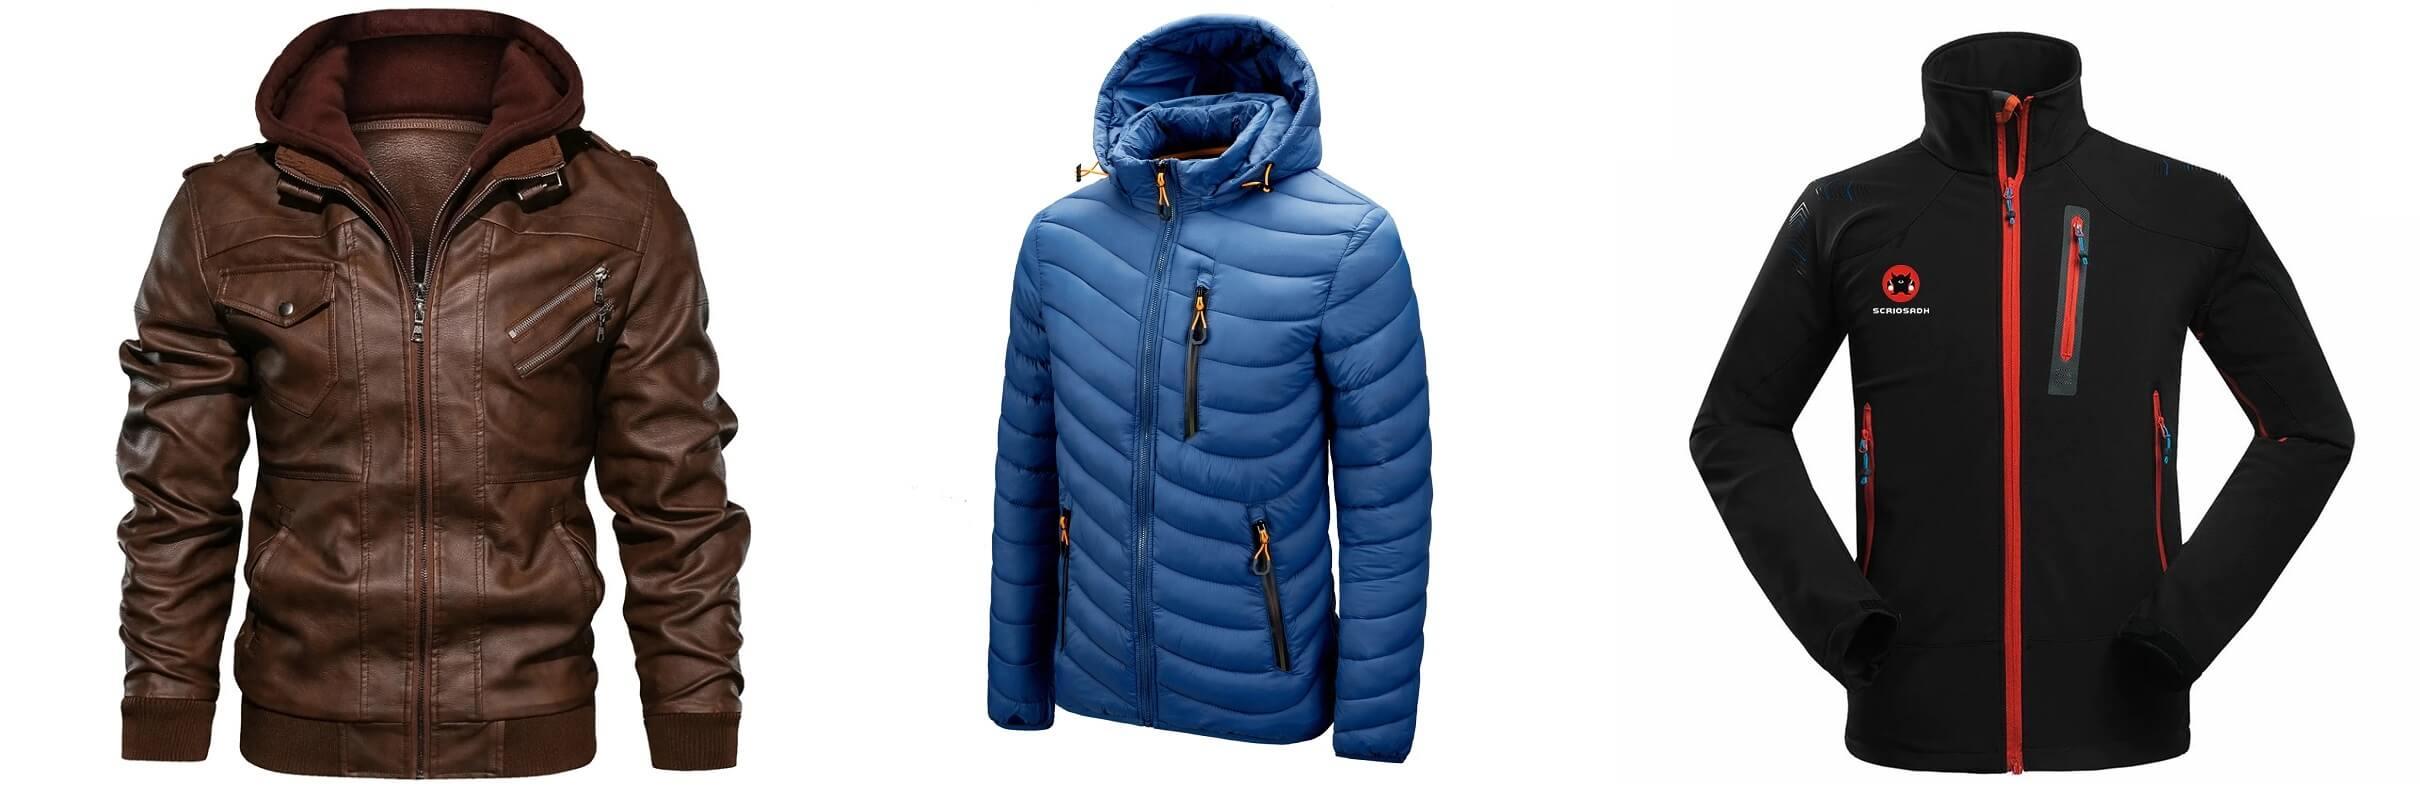 ТОП-10 мужских курток на весну-осень с Алиэкспресс